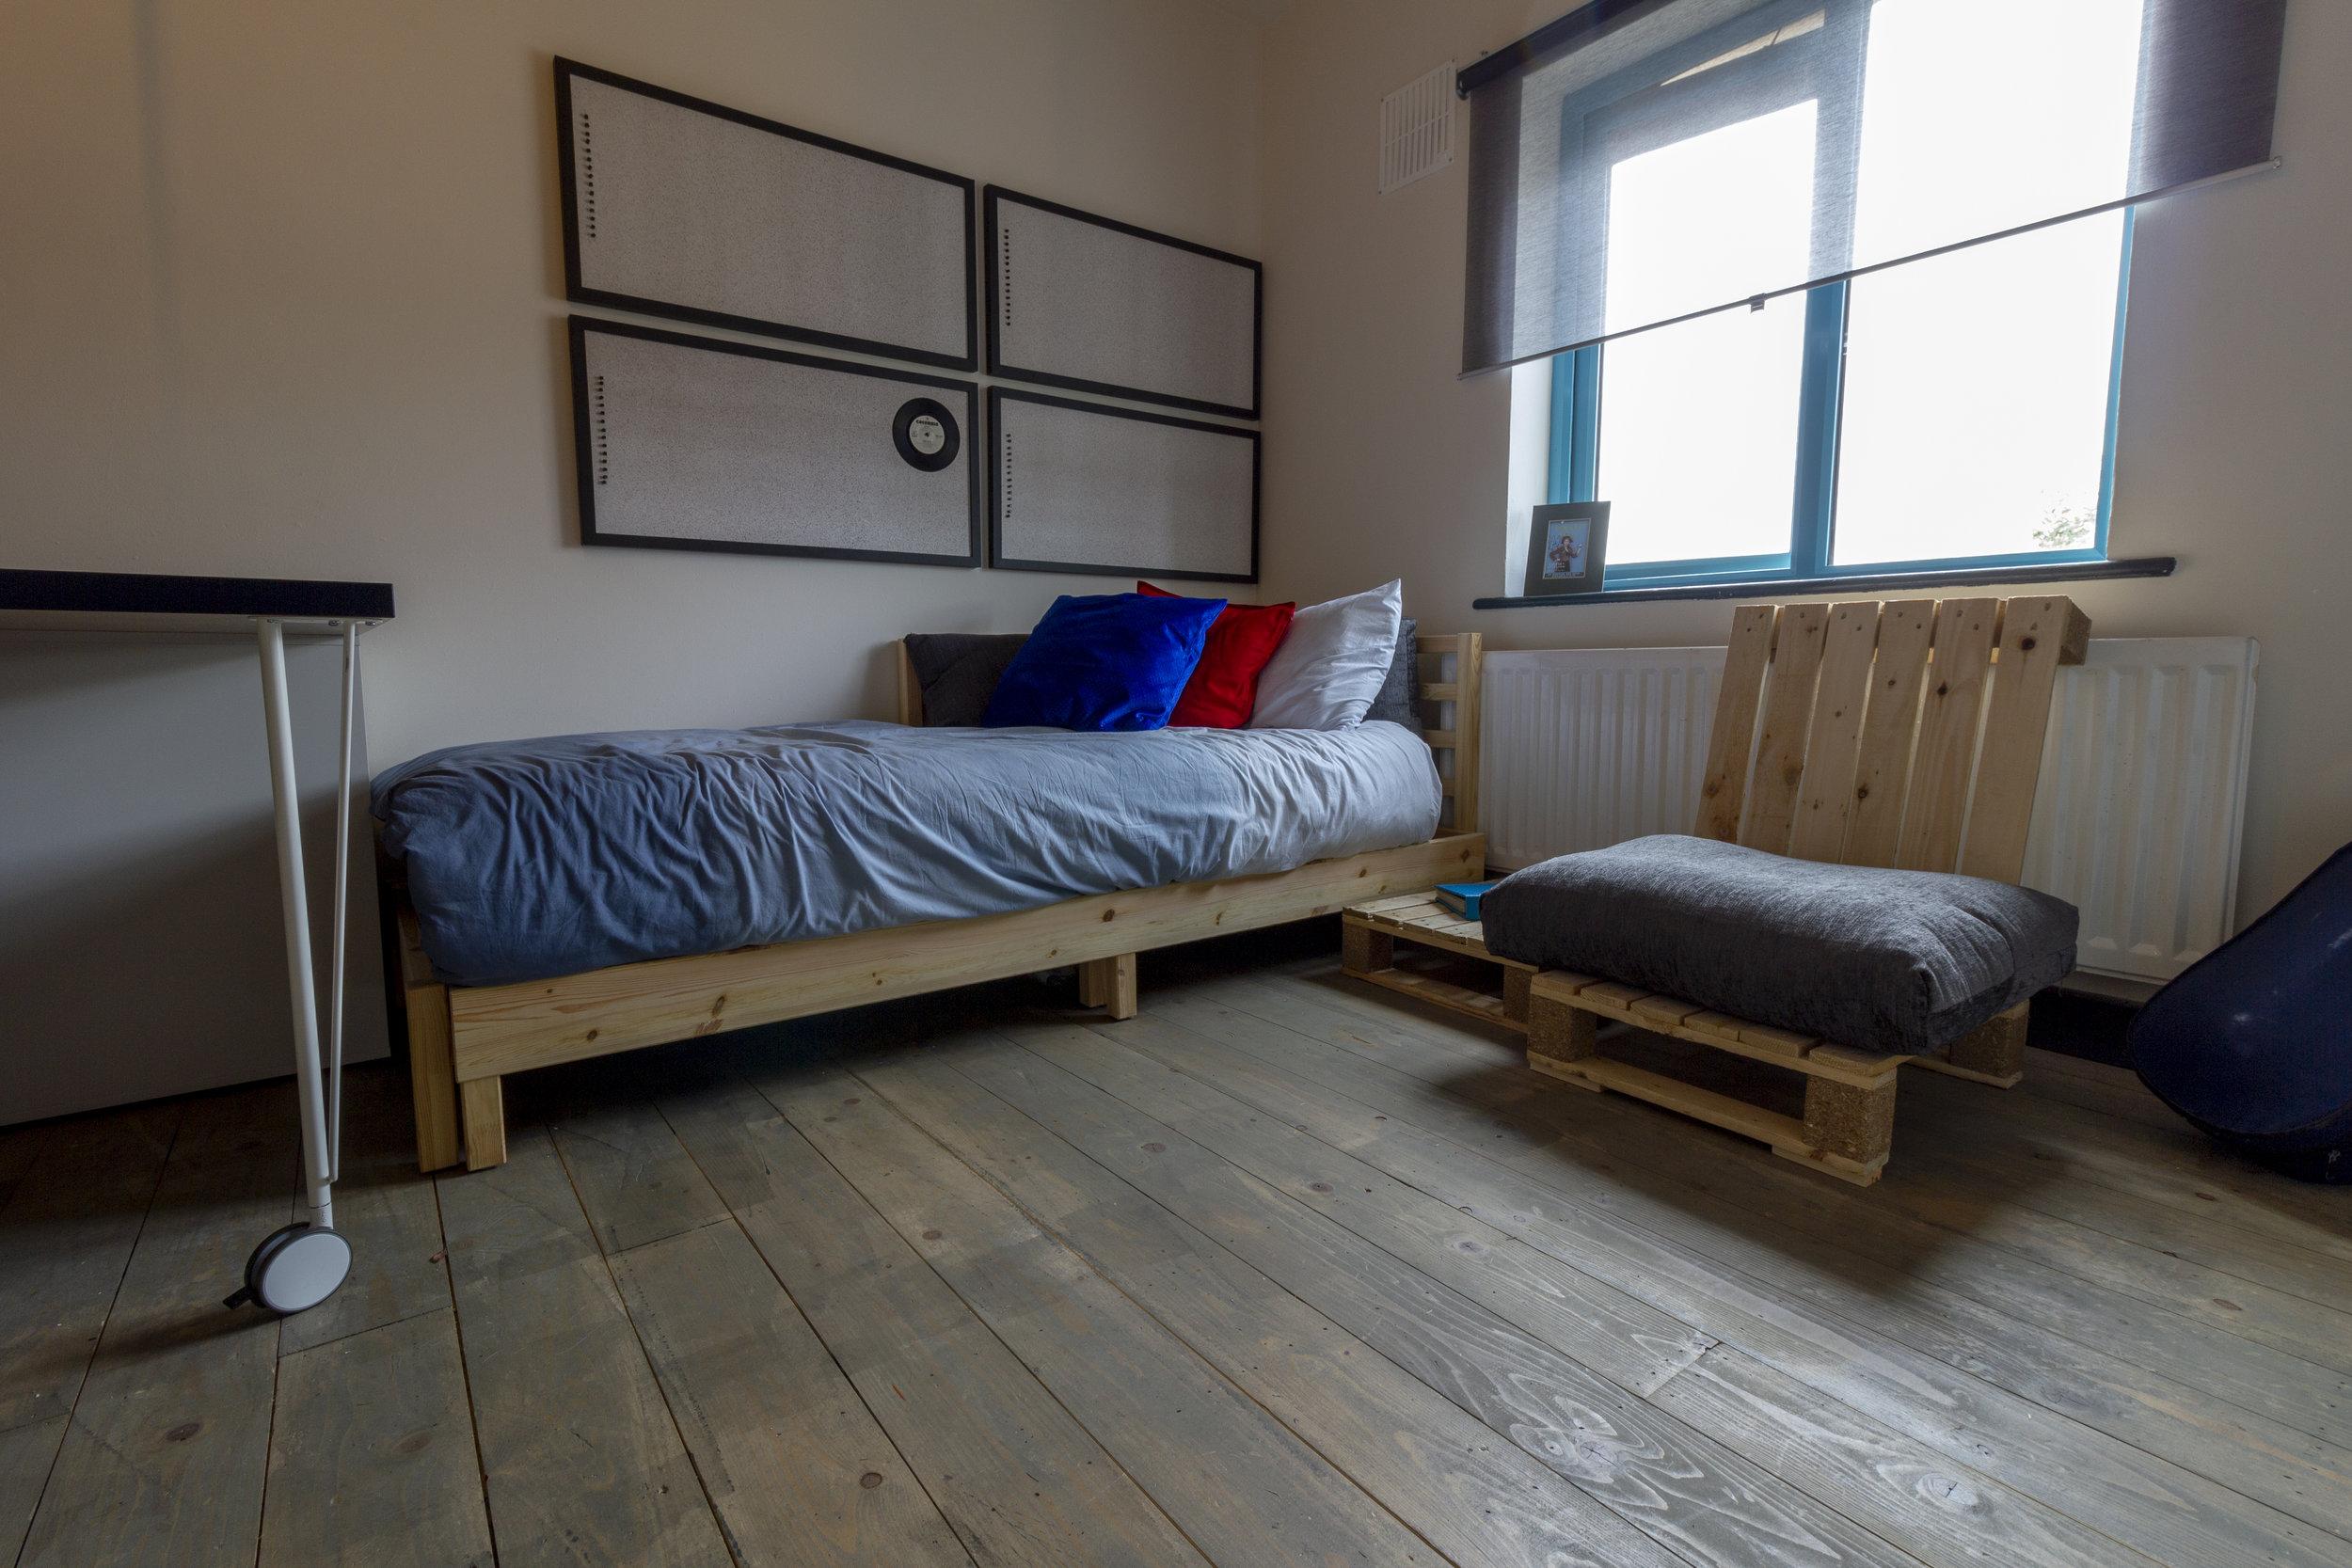 HR - Laytown - After - Bedroom 6.jpg